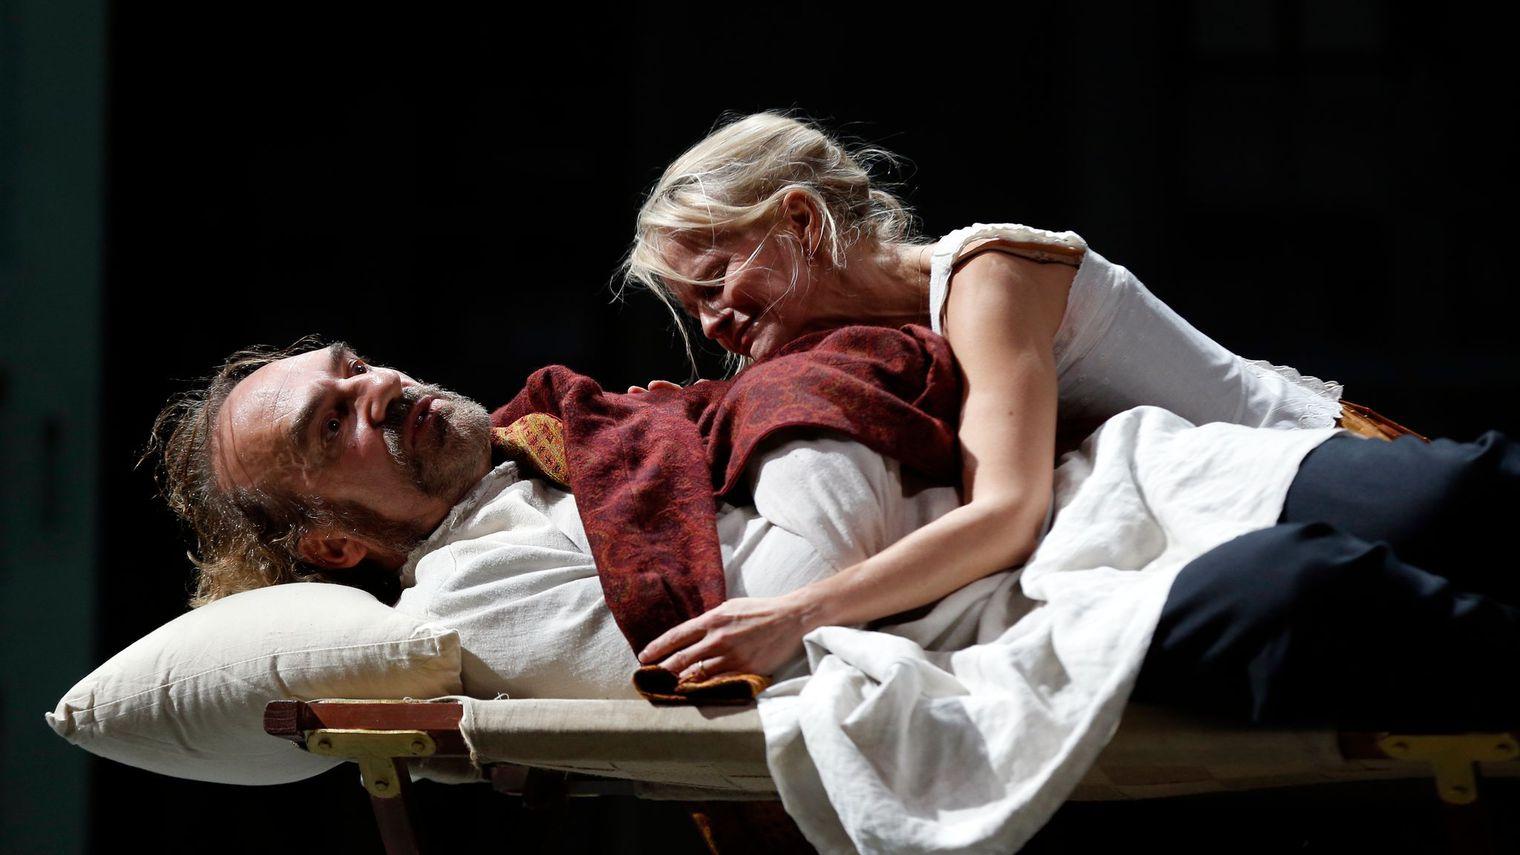 l-acteur-michel-vuillermoz-dans-le-role-du-capitaine-et-anne-kessler-dans-celui-de-sa-femme-le-16-septembre-2015-sur-la-scene-de-la-comedie-francaise-dans-la-piece-pere-du-suedois-august-strindberg_54